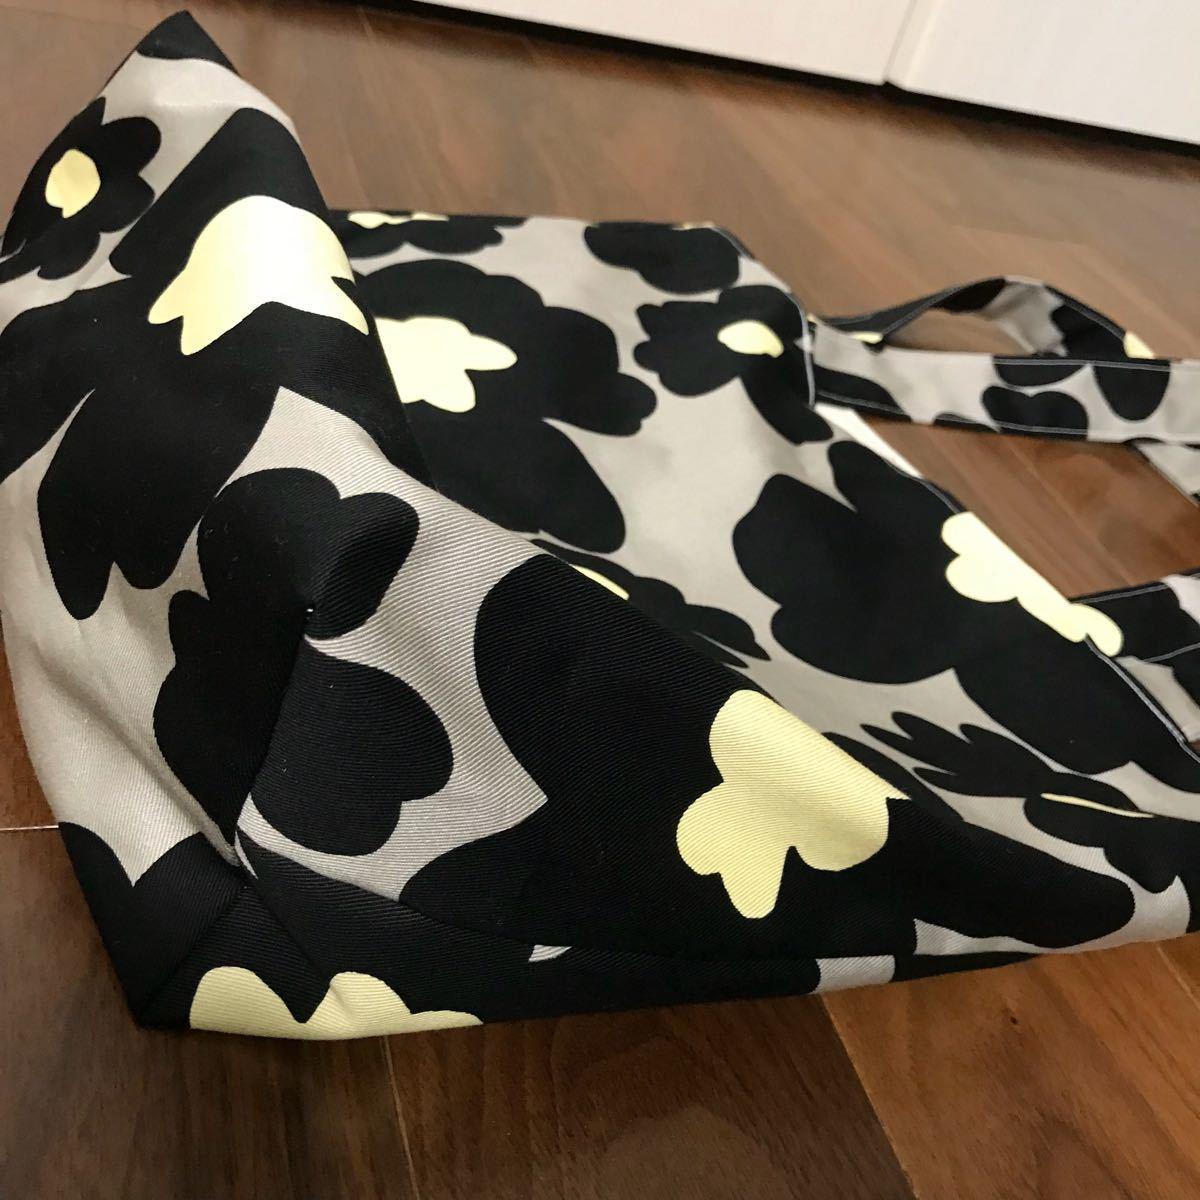 ハンドメイド トートバッグ マリメッコ風 北欧 花柄 黒